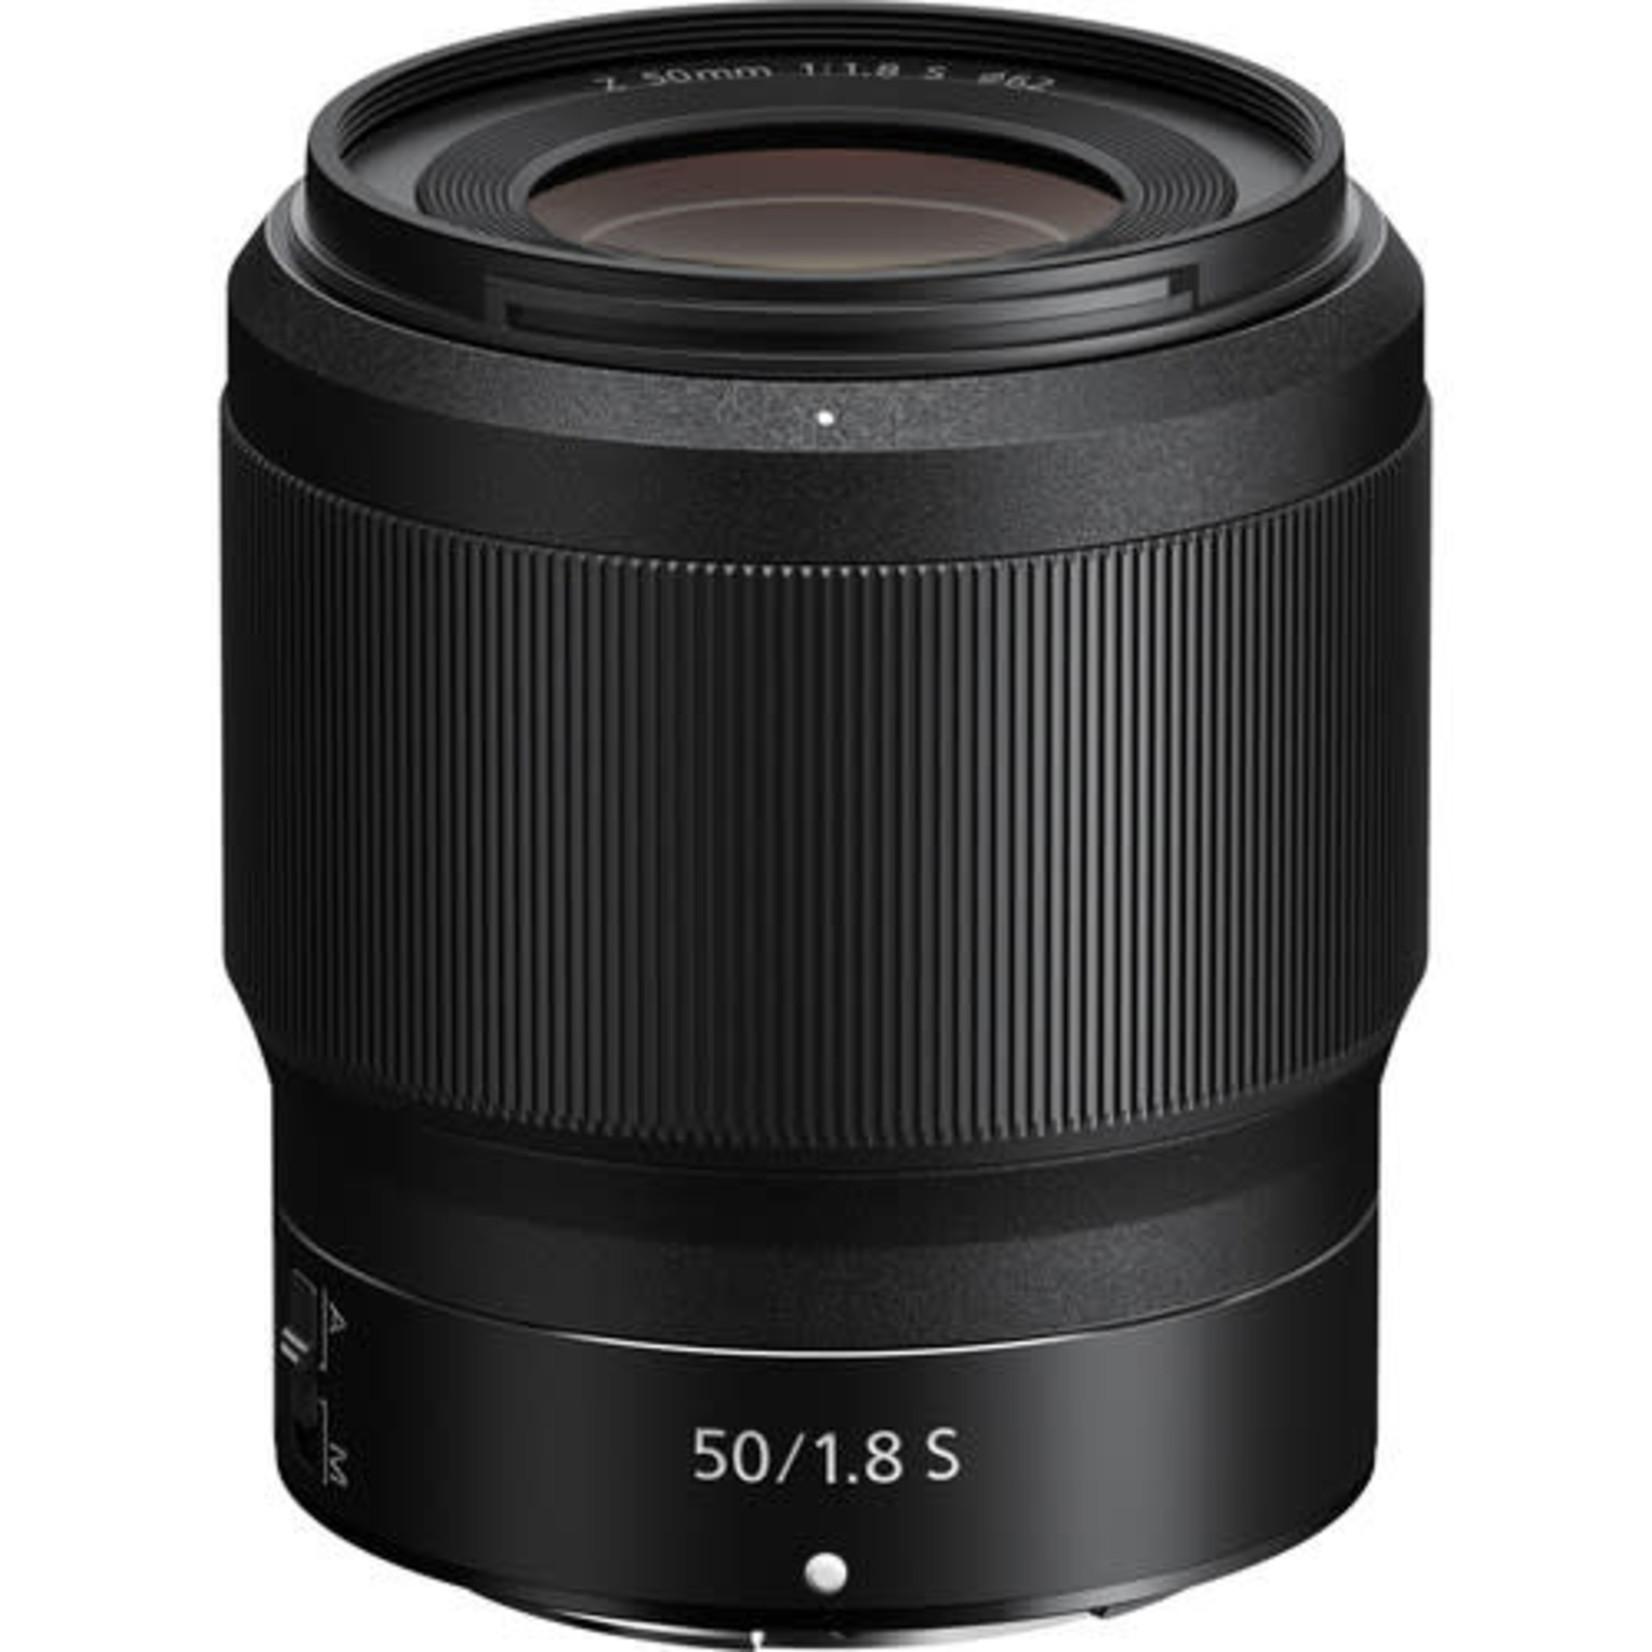 Nikon Nikon NIKKOR Z 50mm f/1.8 S Lens